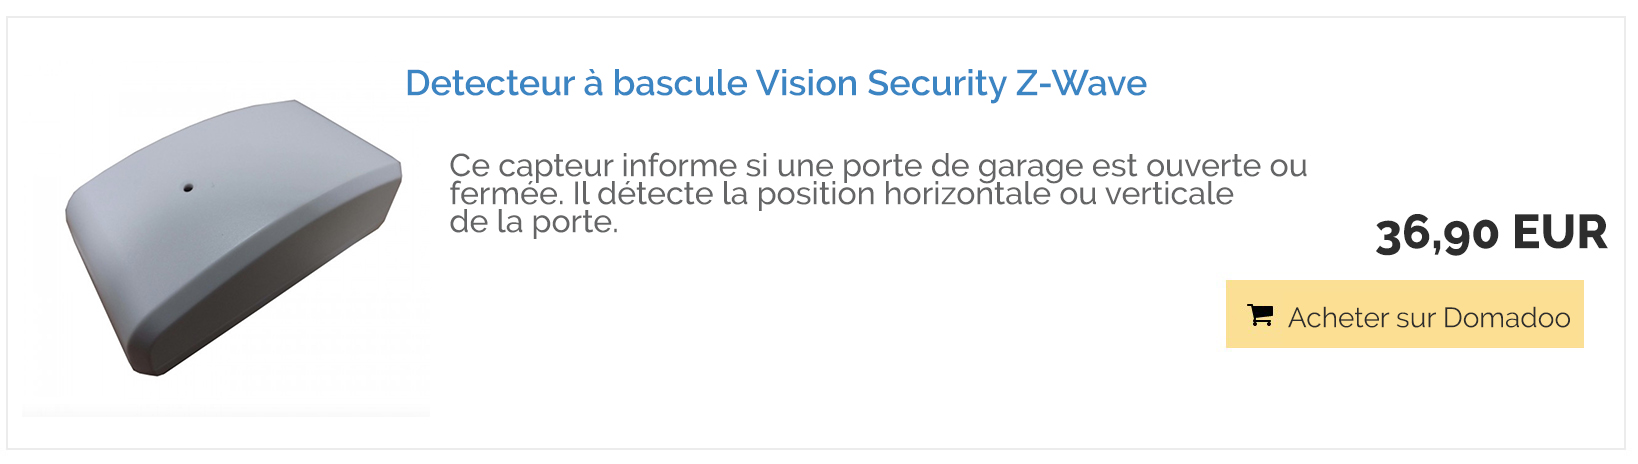 vision-security-detecteur-zwave-bascule-porte